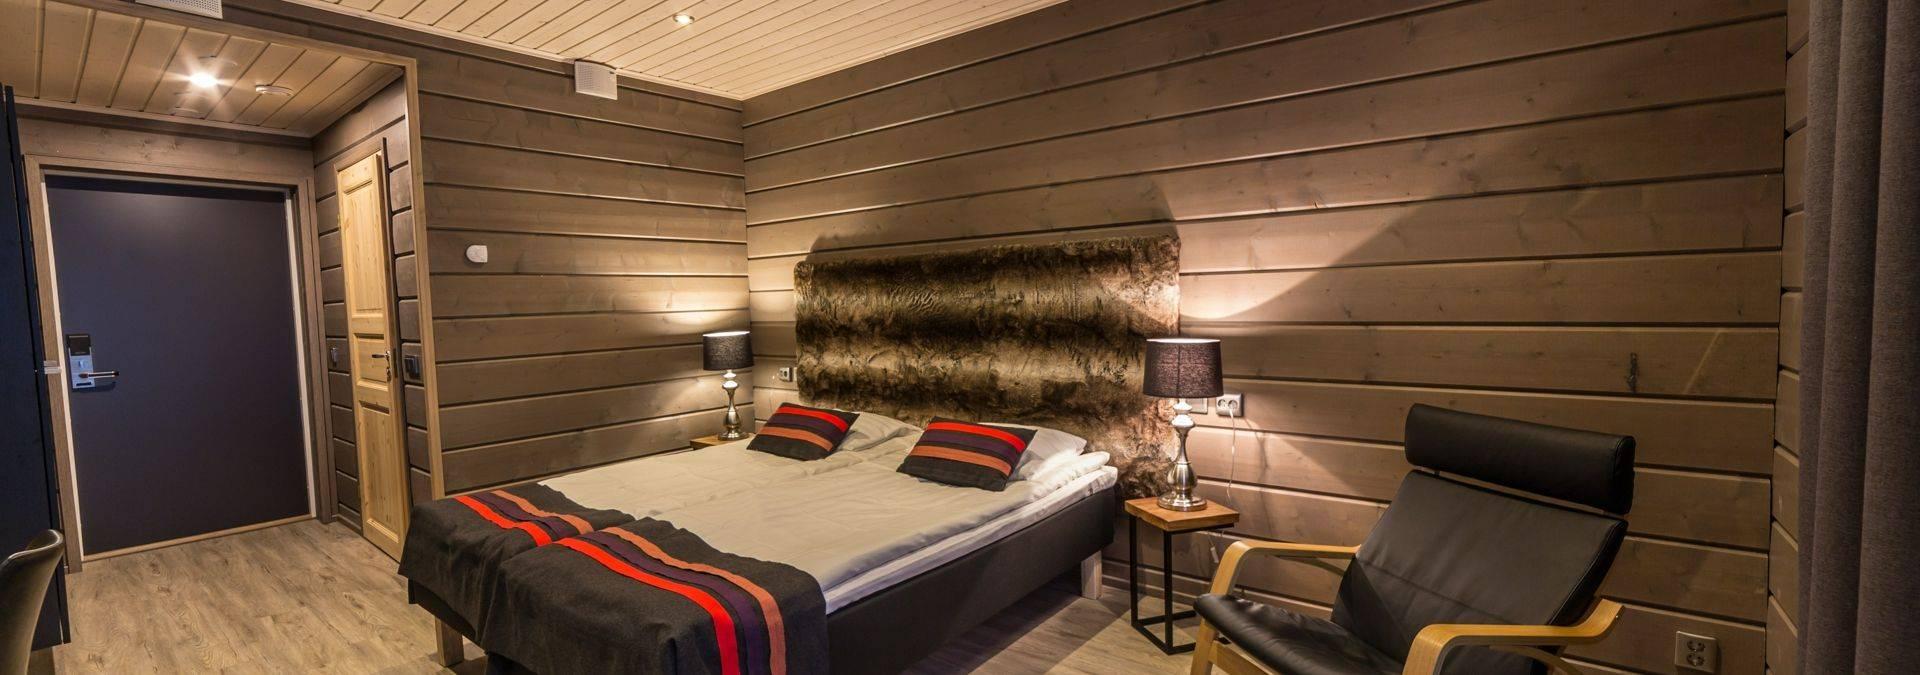 Inari Standard Room Sgl Dbl8   Credit Matt Robinson